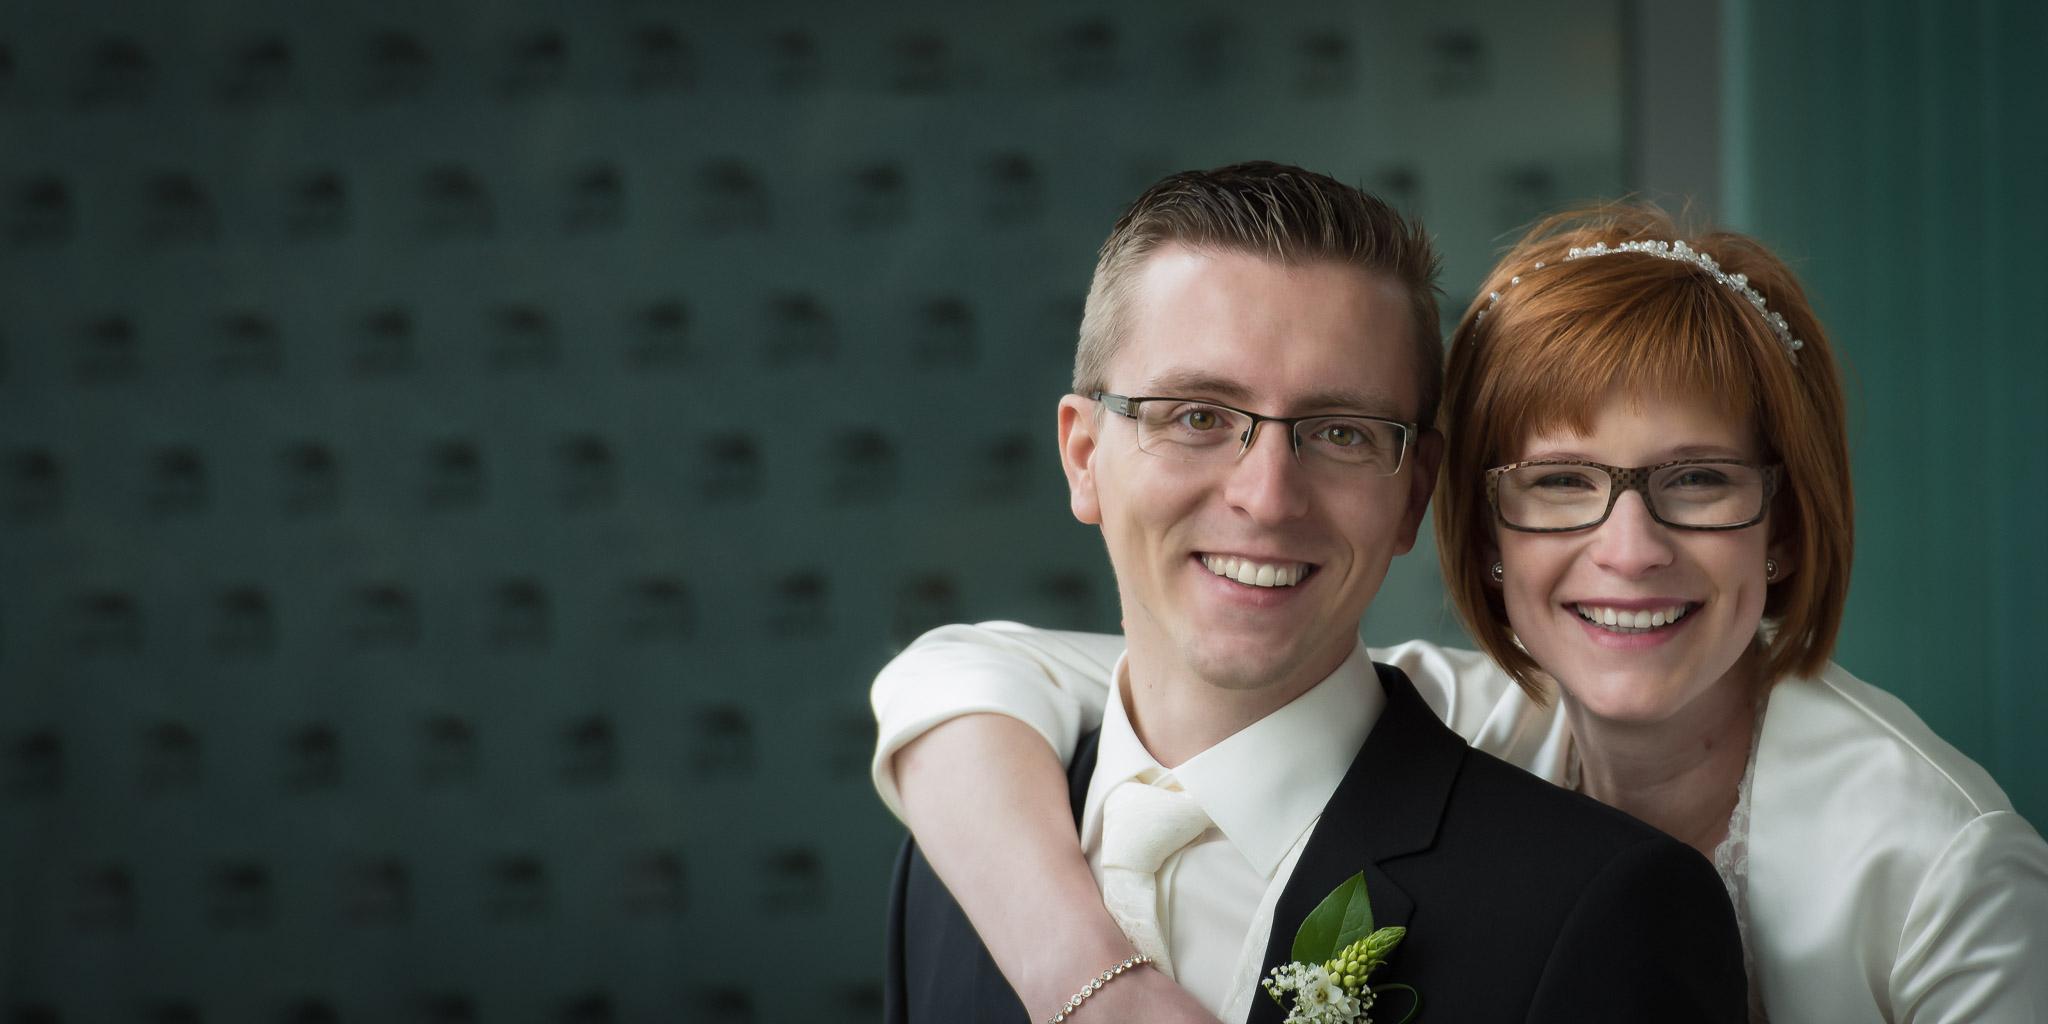 trouwfotograaf in Lokeren voor het bruidspaar Rianne en Kristof, foto genomen in de bibliotheek van Moerbeke-Waas